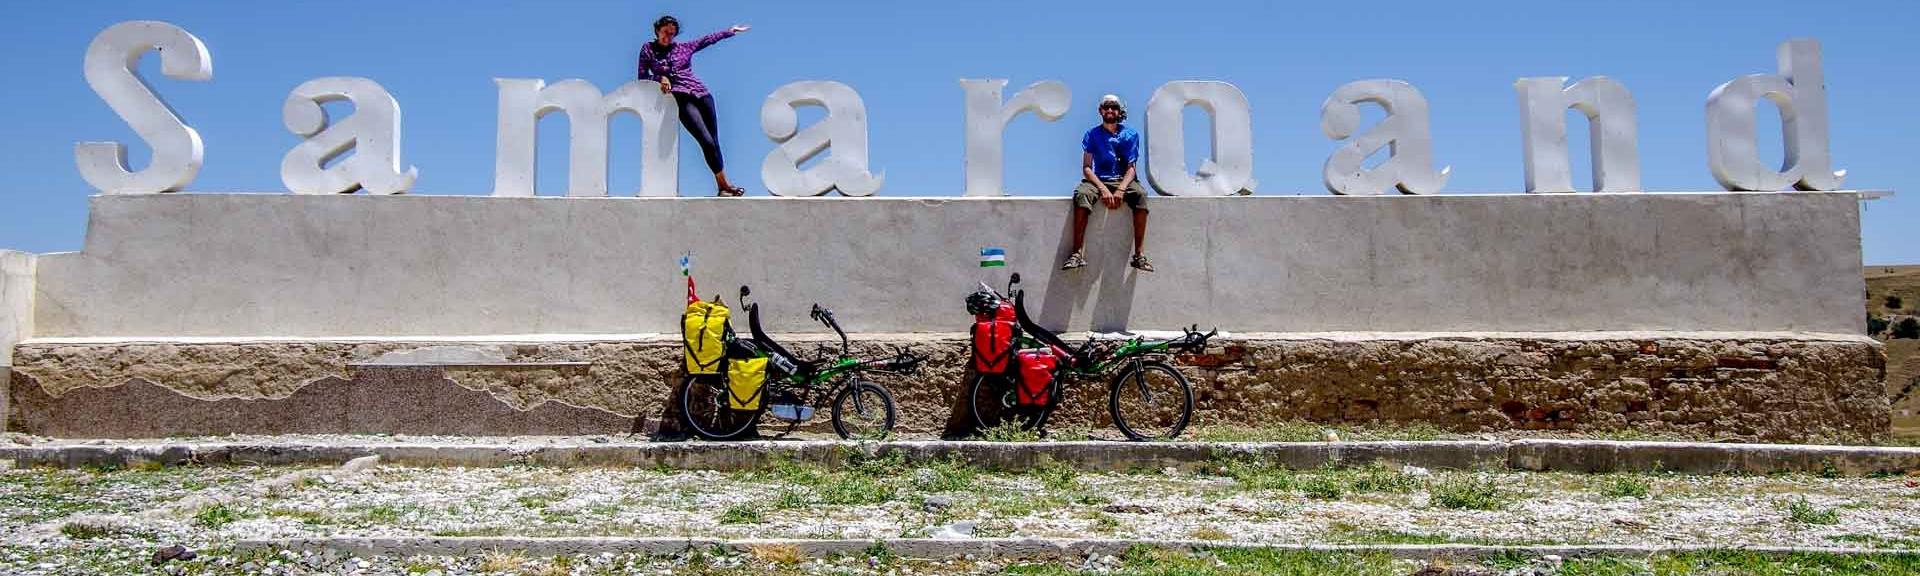 Bisikletçi istilası; Semerkant